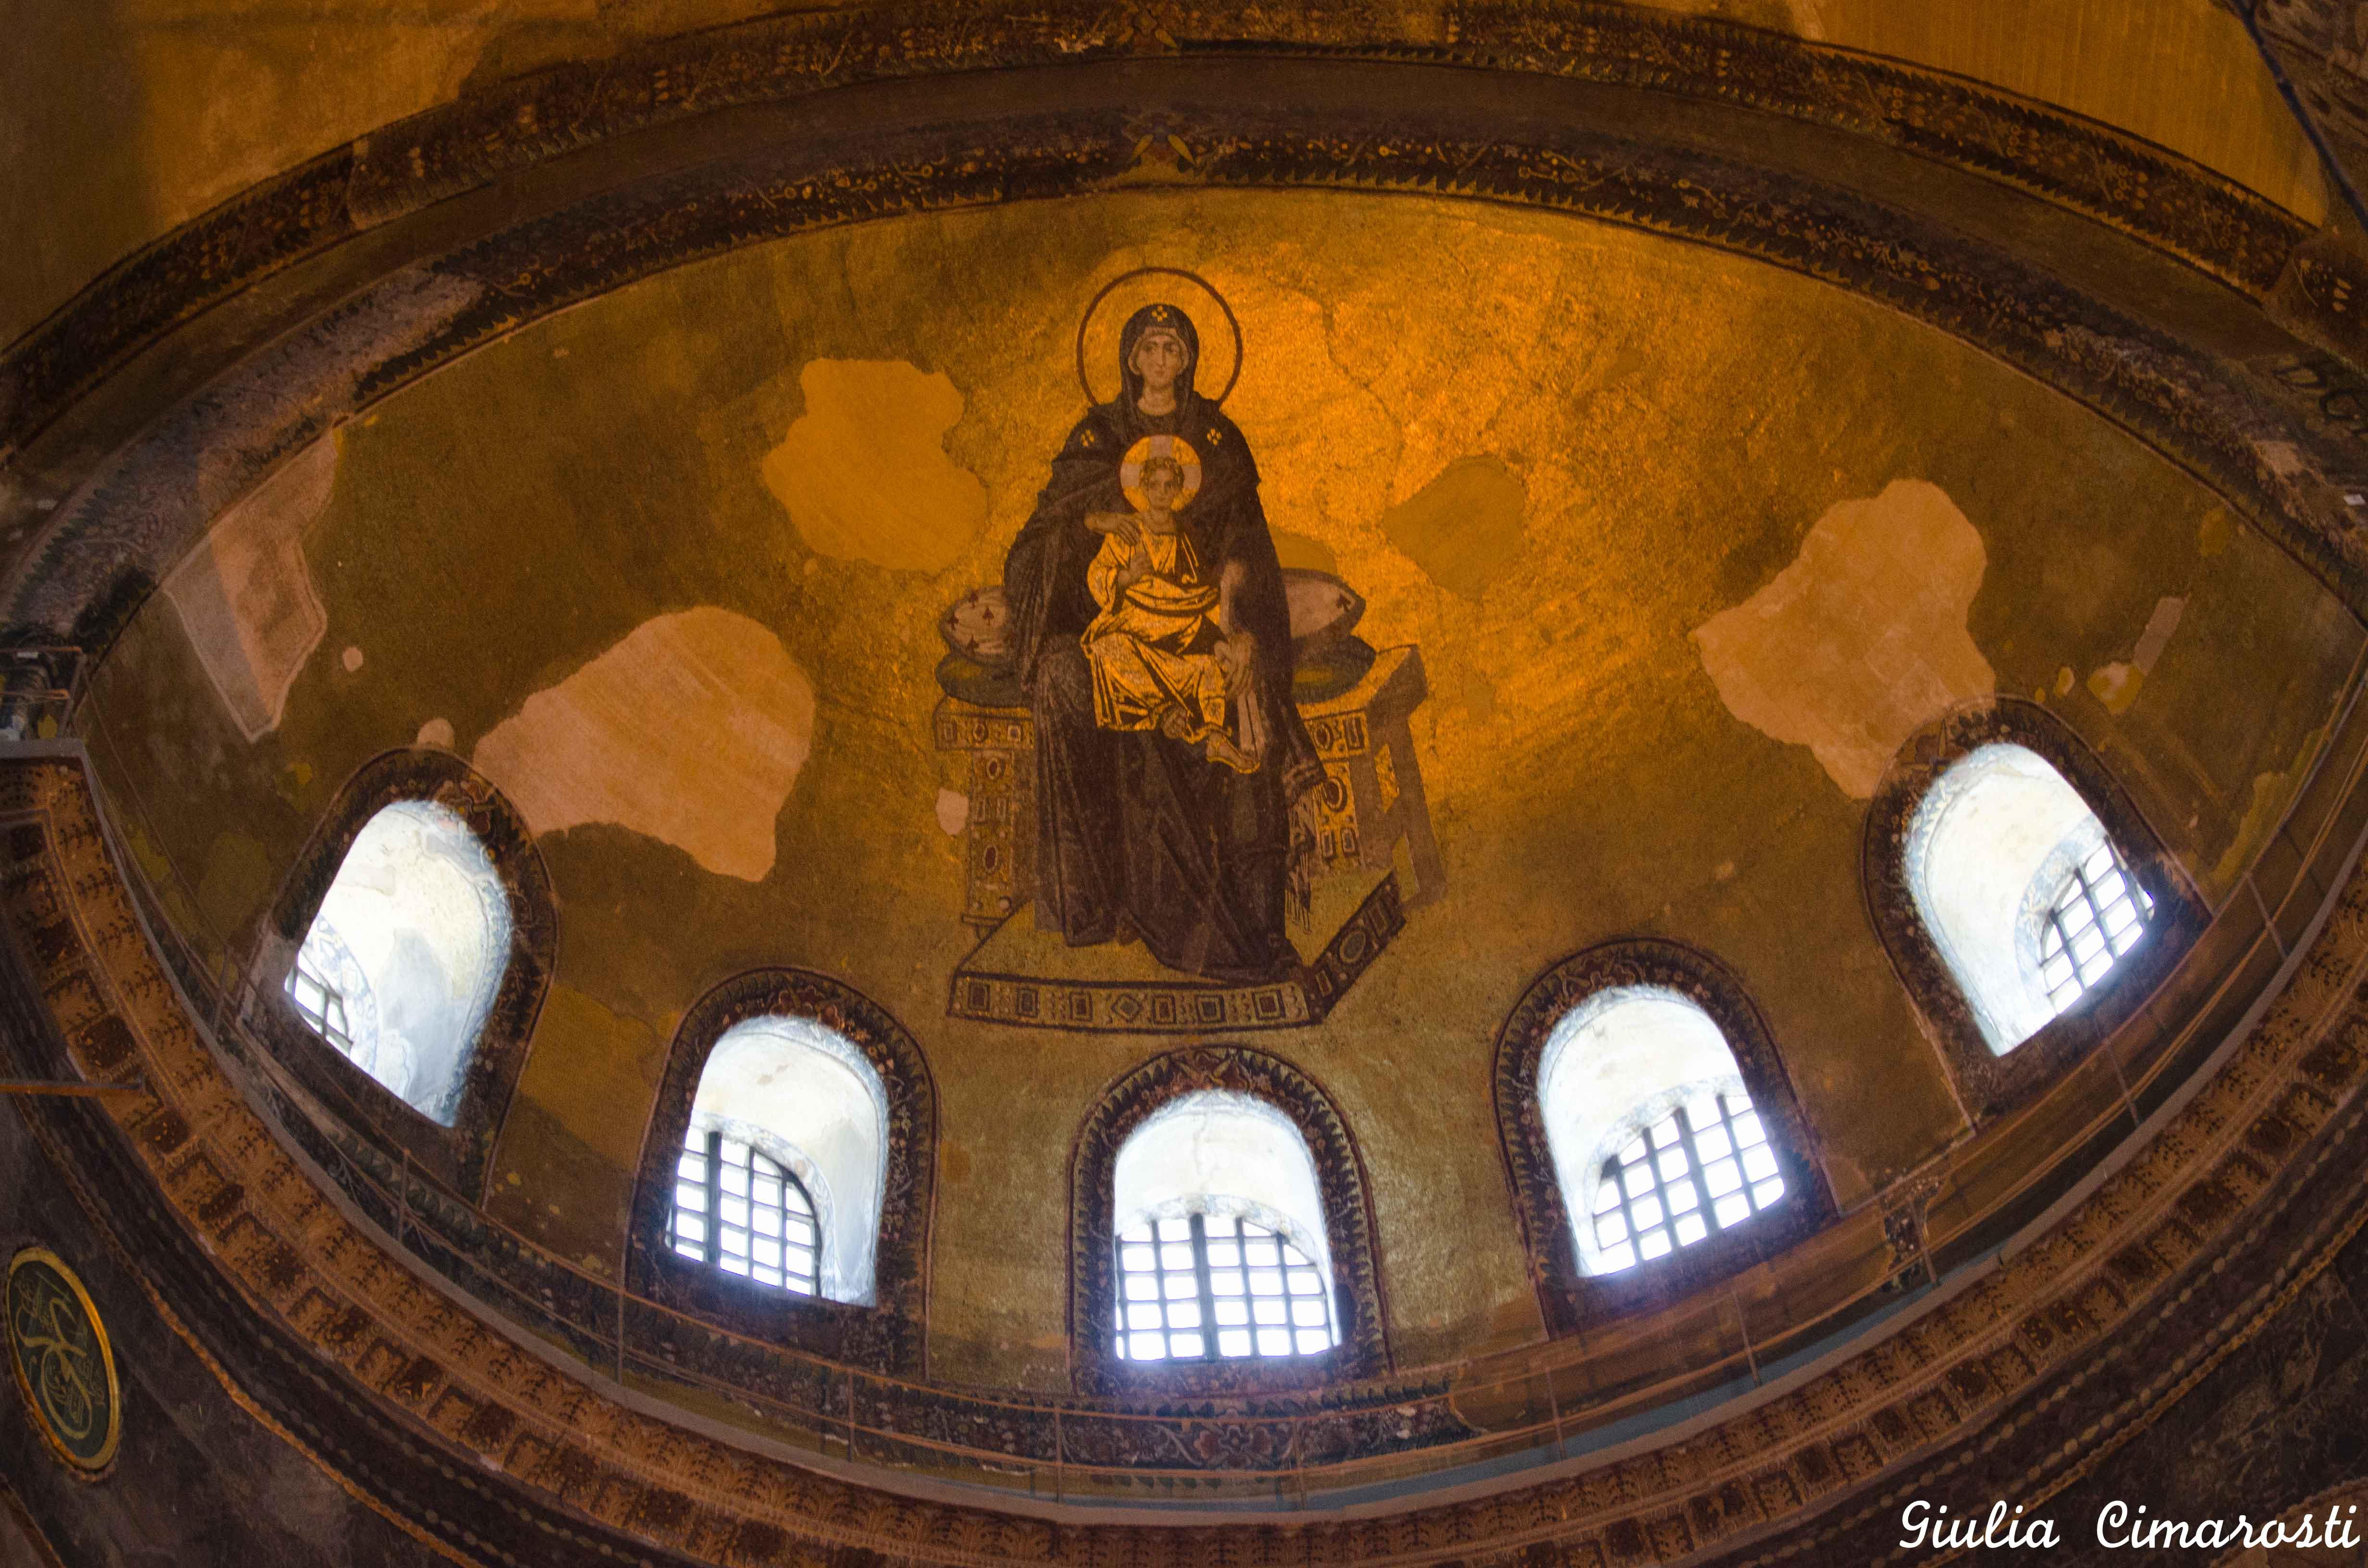 Pagan symbols in Hagia Sophia